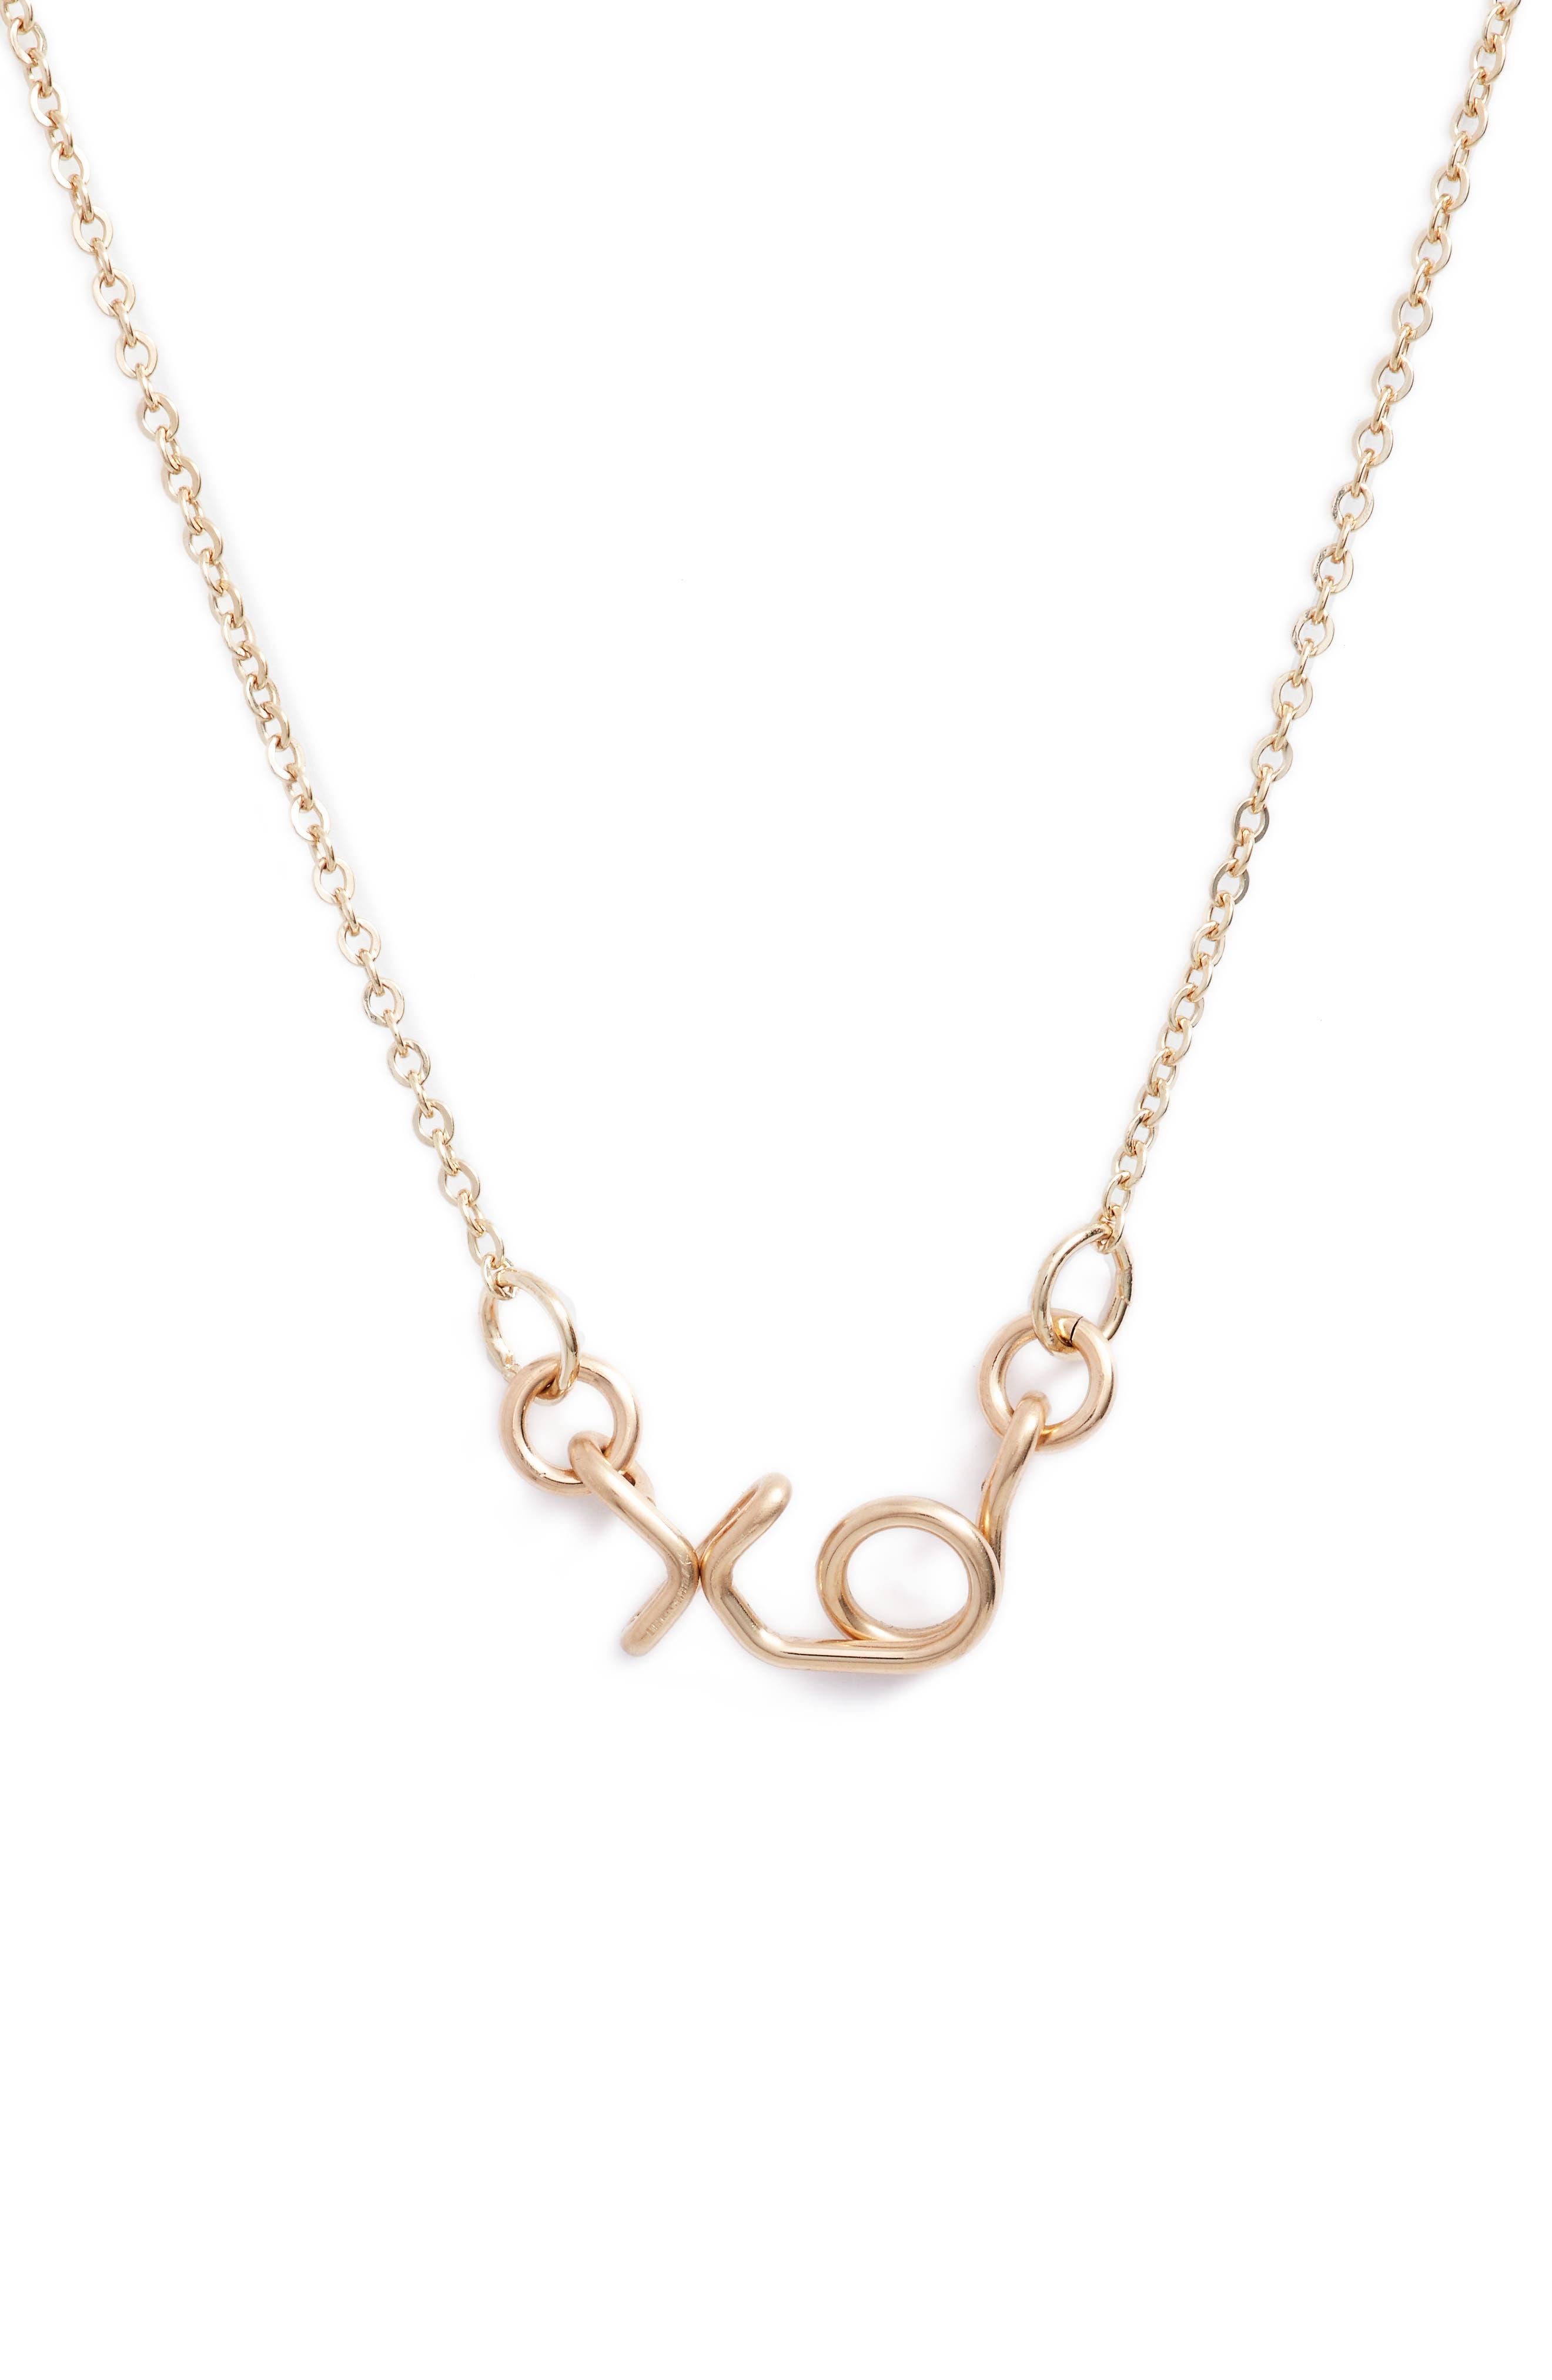 Main Image - Nashelle Mini XO Pendant Necklace